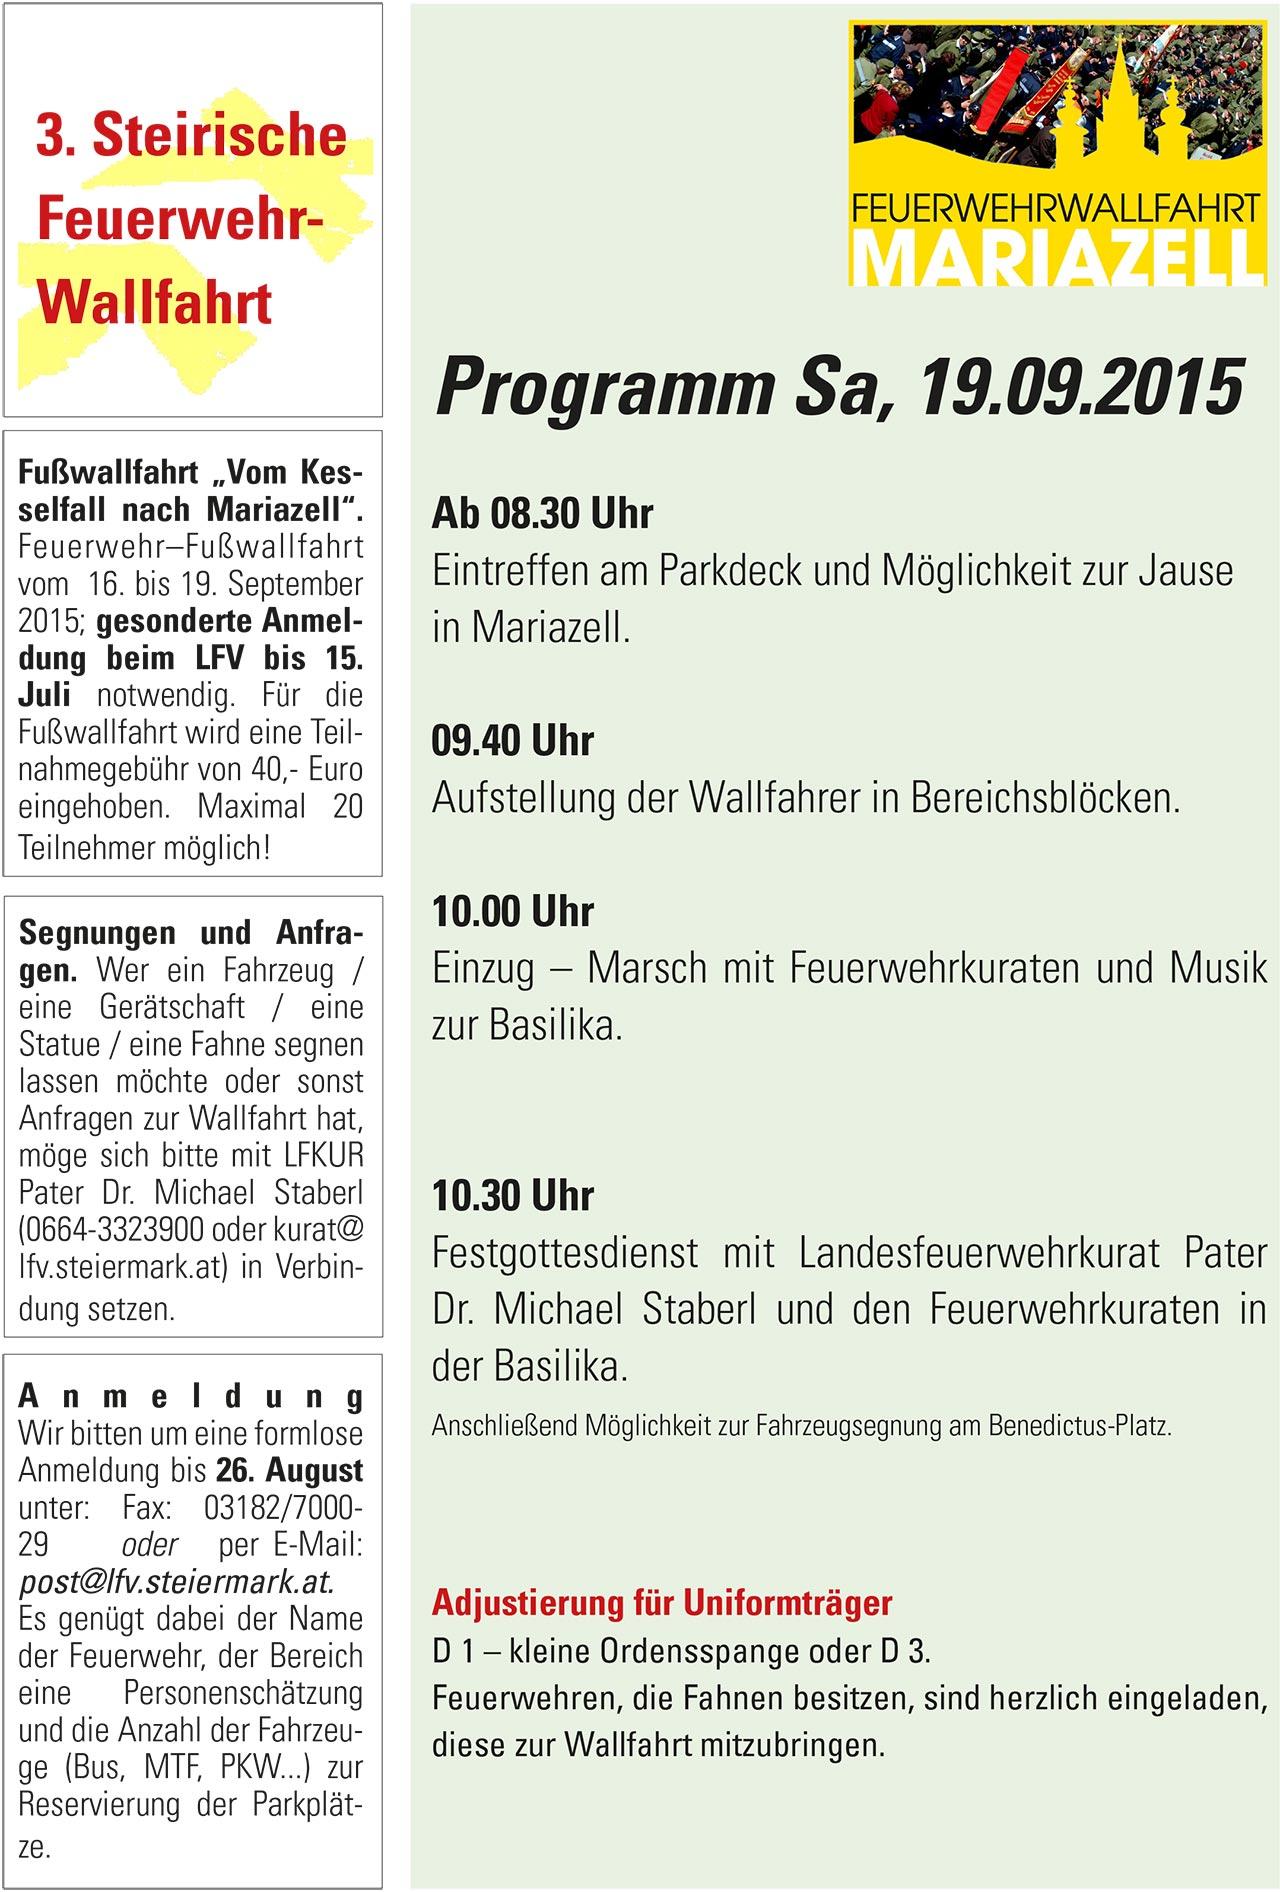 Bild_2-Infoseite_Programm_Wallfahrt_2015-Allgemein